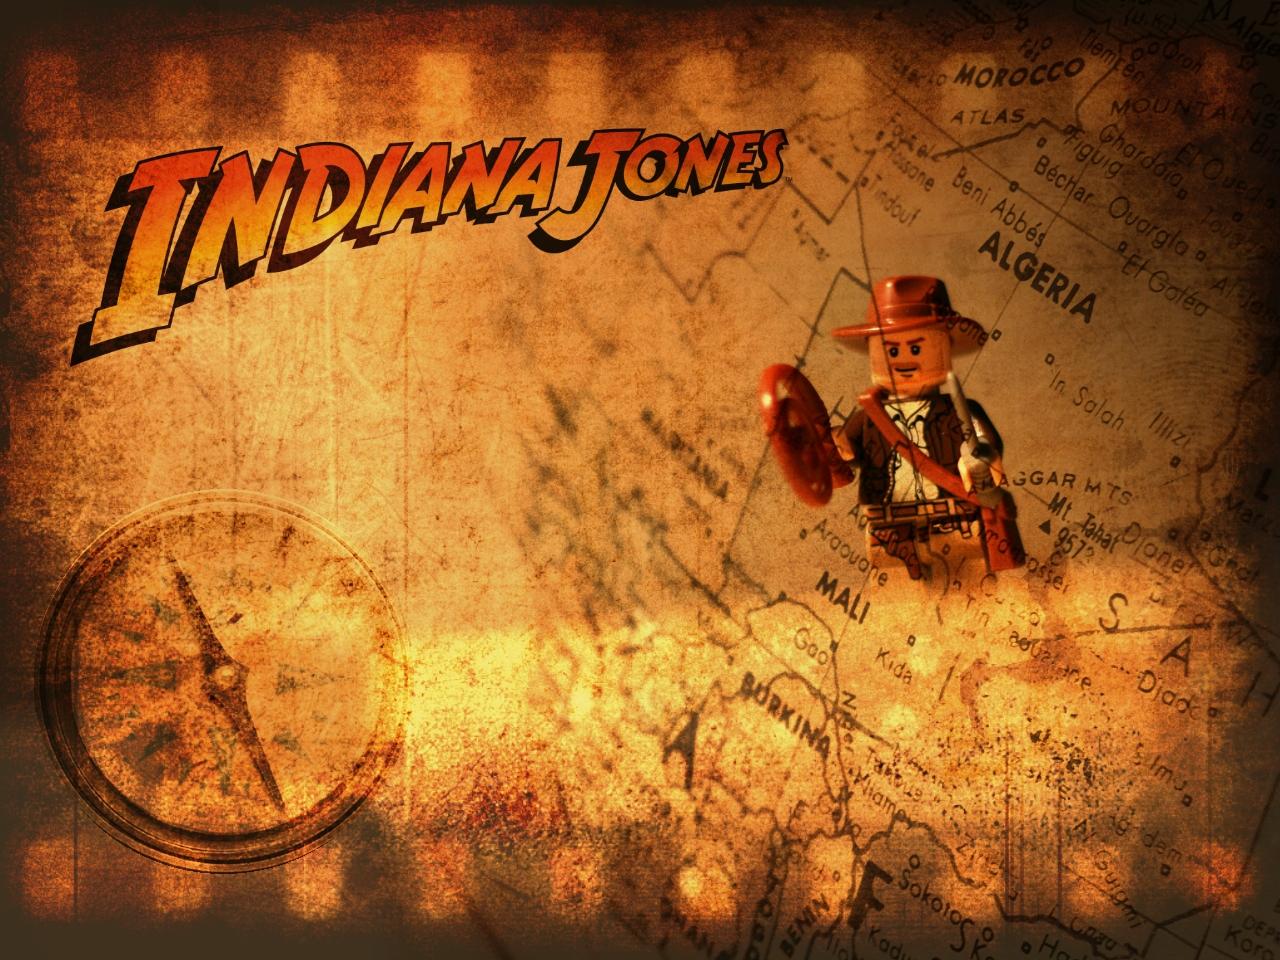 Lego Indiana Jones Game The Original Adventures Wallpaper Flickr 1280x960